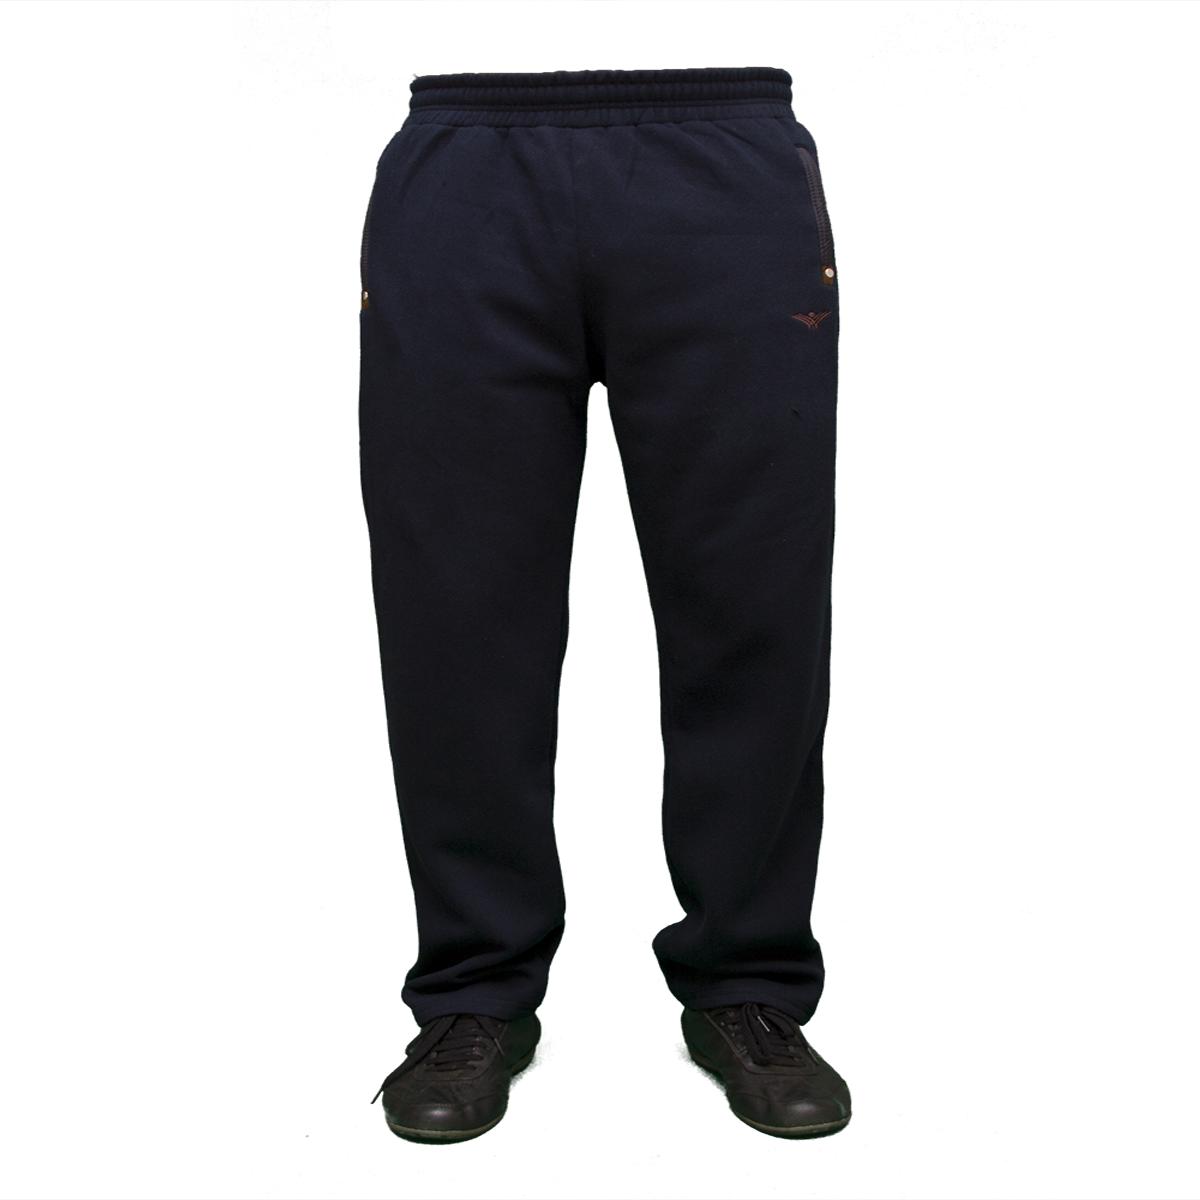 Теплые мужские батальные брюки байка пр-во Турция оптом недорого 0649G Dark Blue